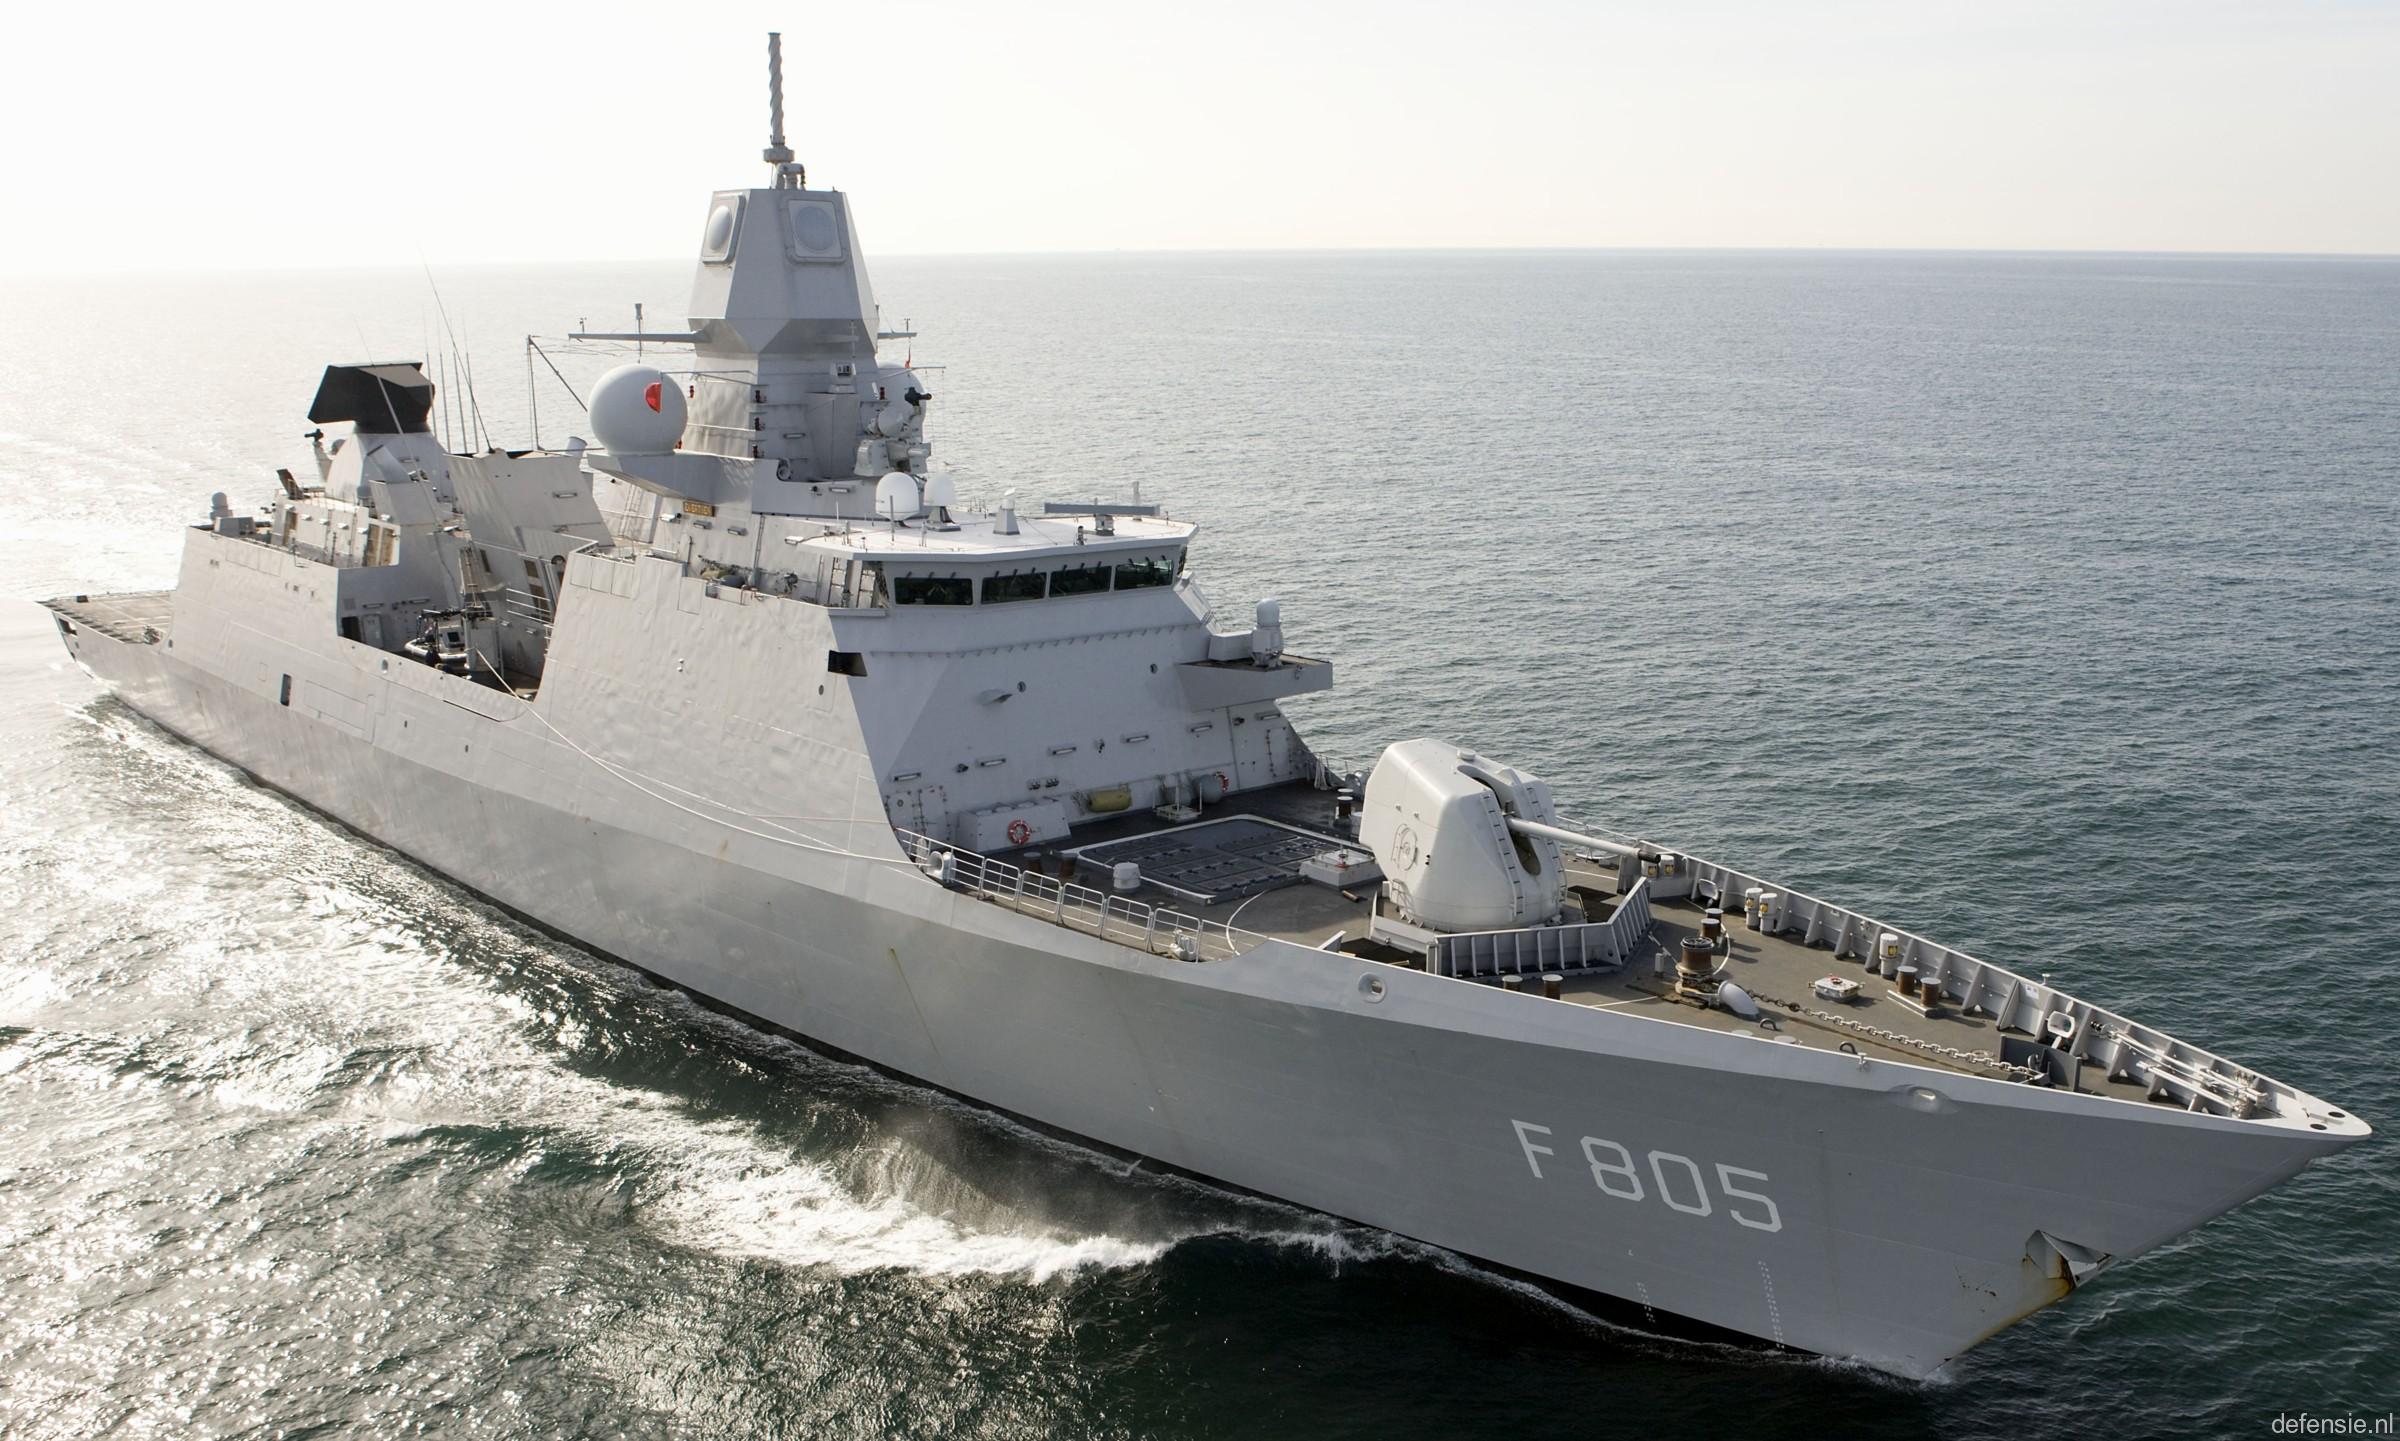 """Нидерланды обвинили Россию в """"имитации атаки"""" на их фрегат"""